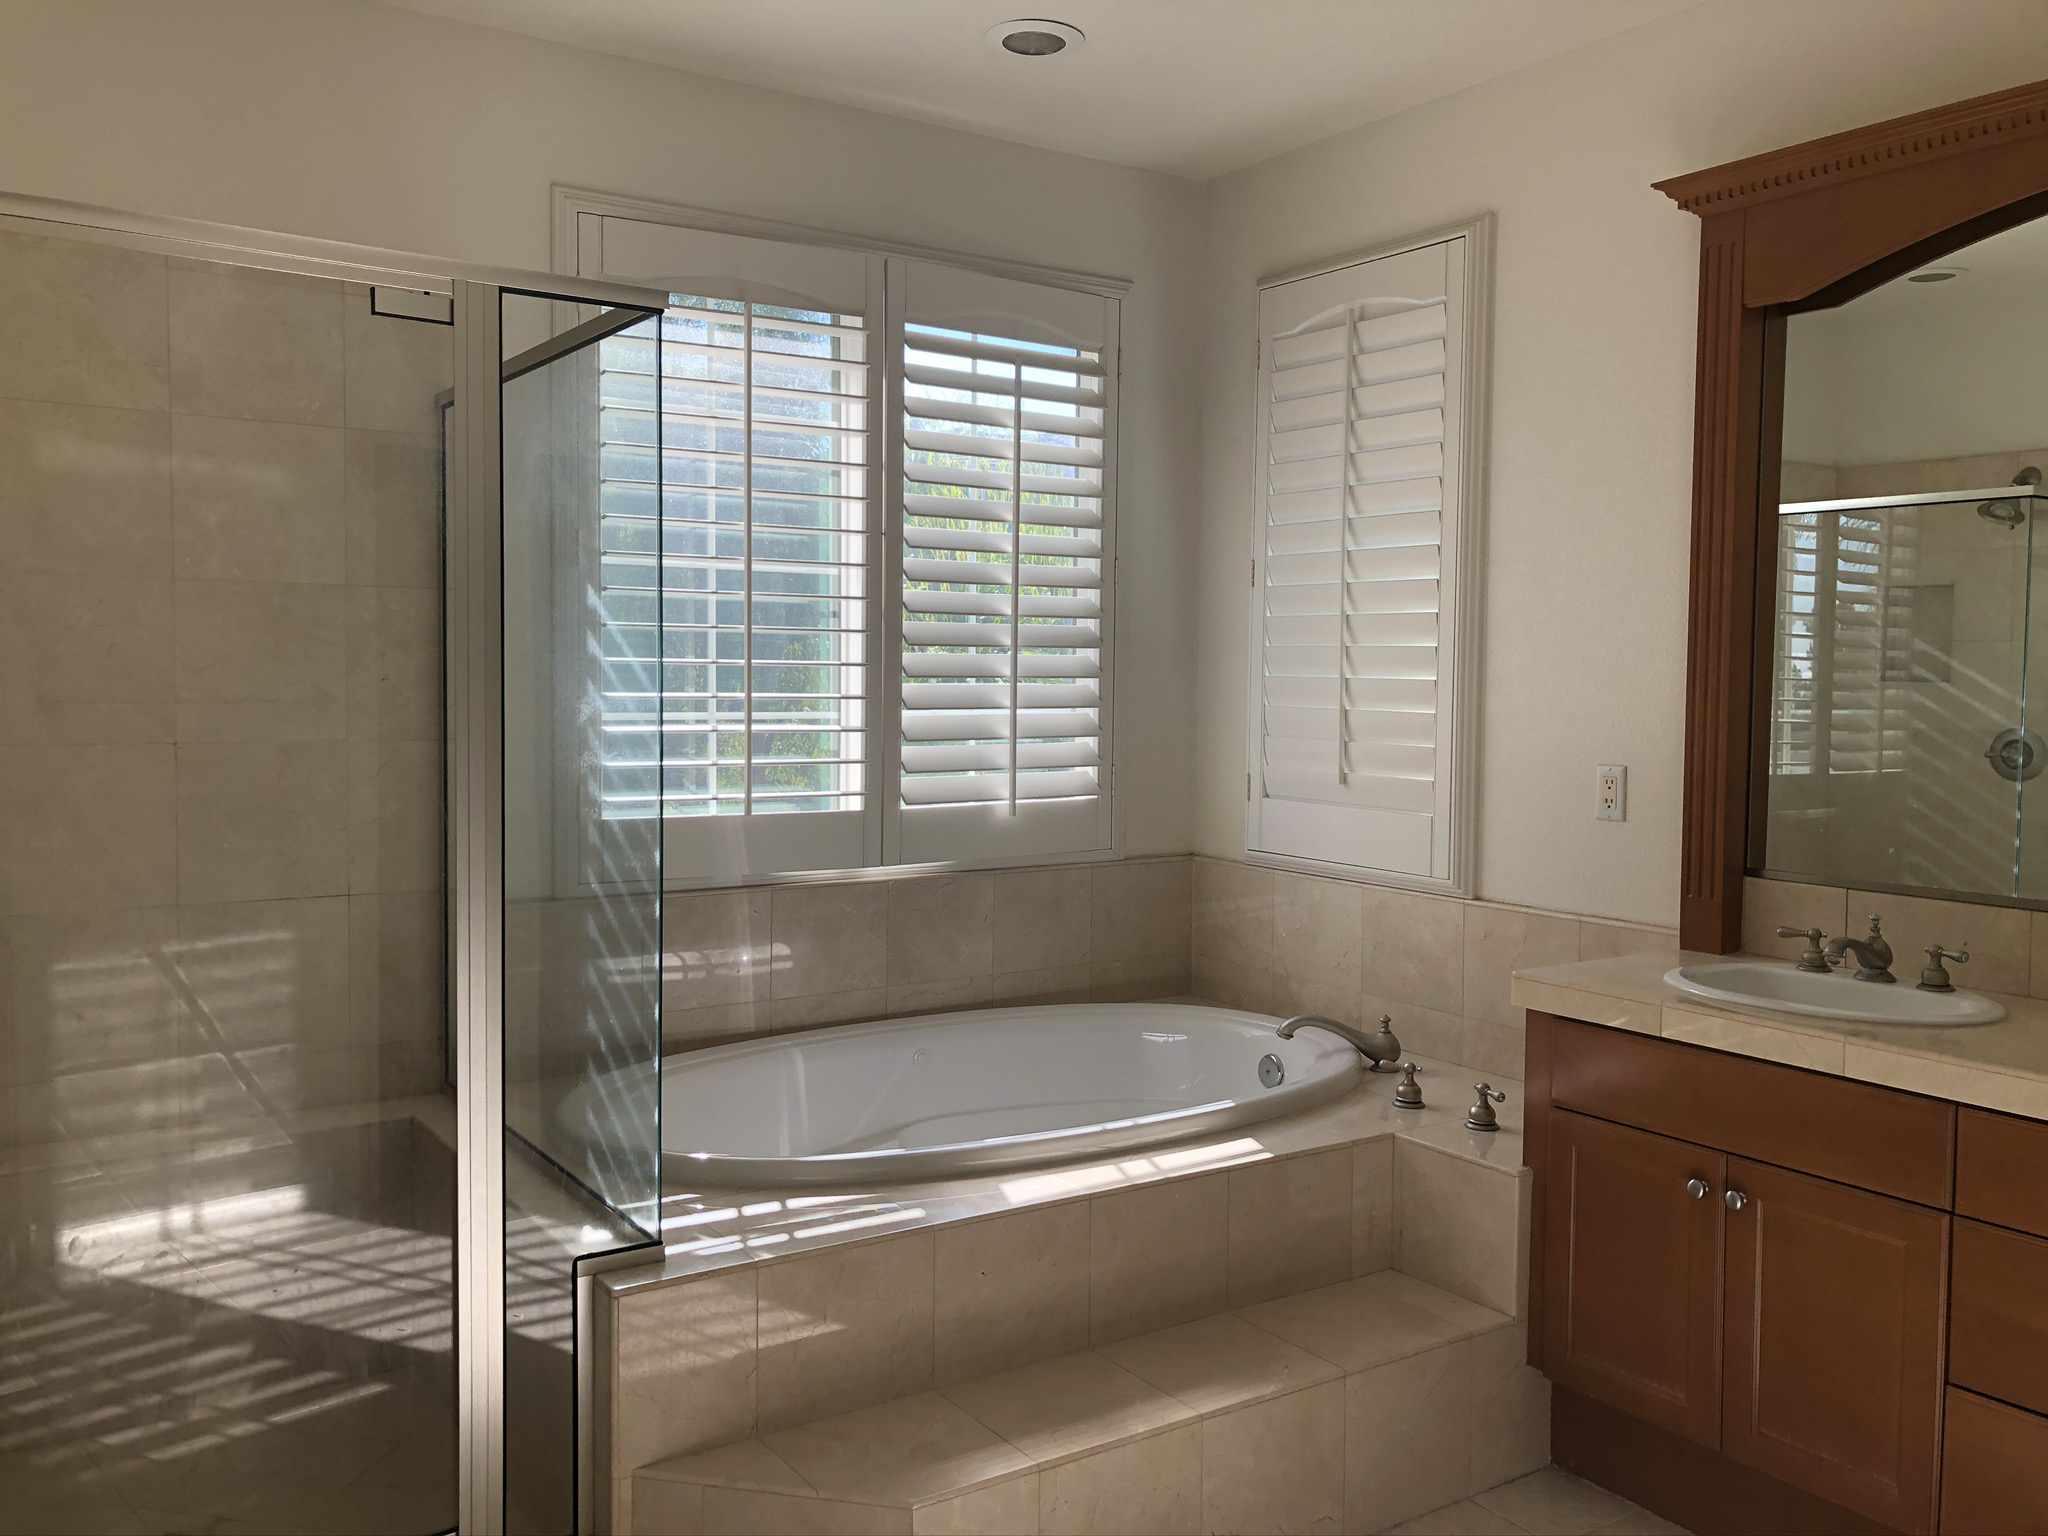 Old bathroom with brown vanity.